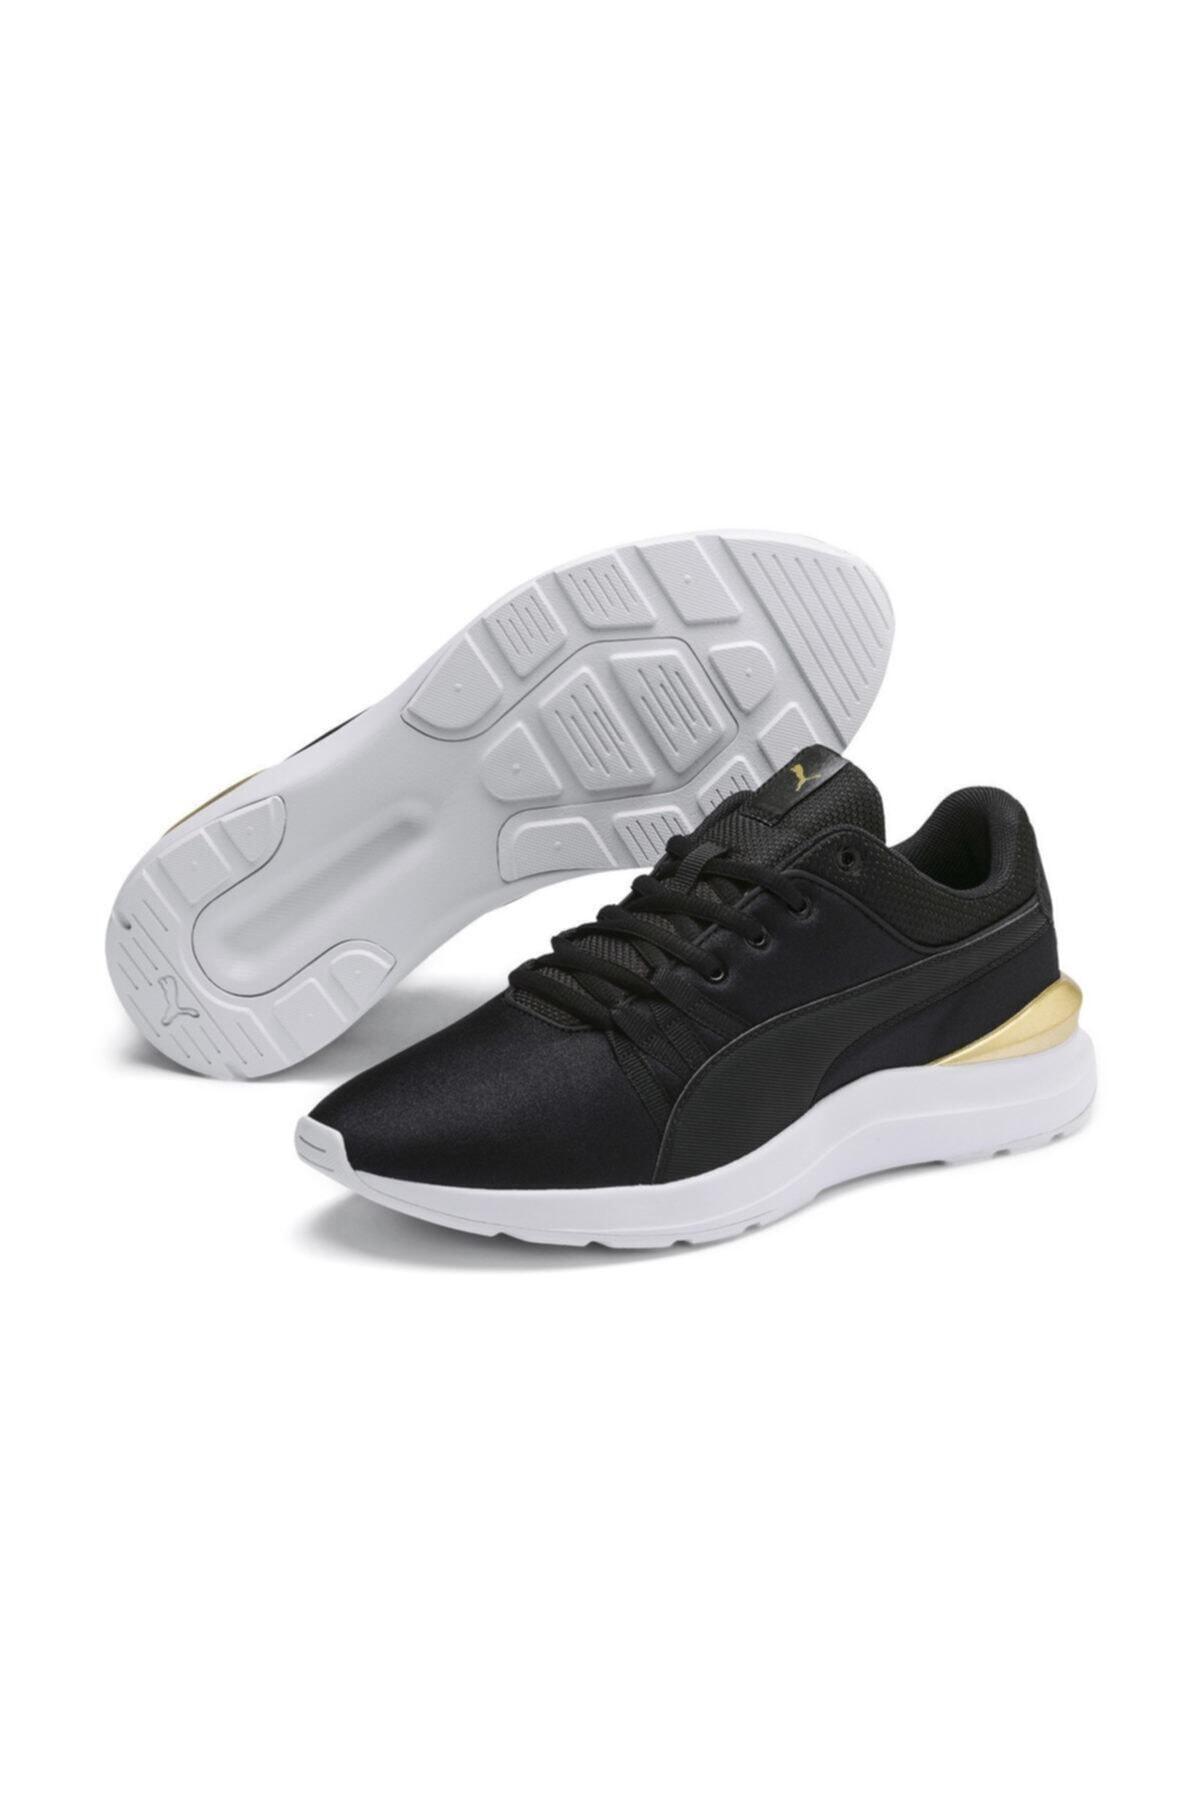 Puma Kadın Siyah Bağcıklı Spor Ayakkabı 1